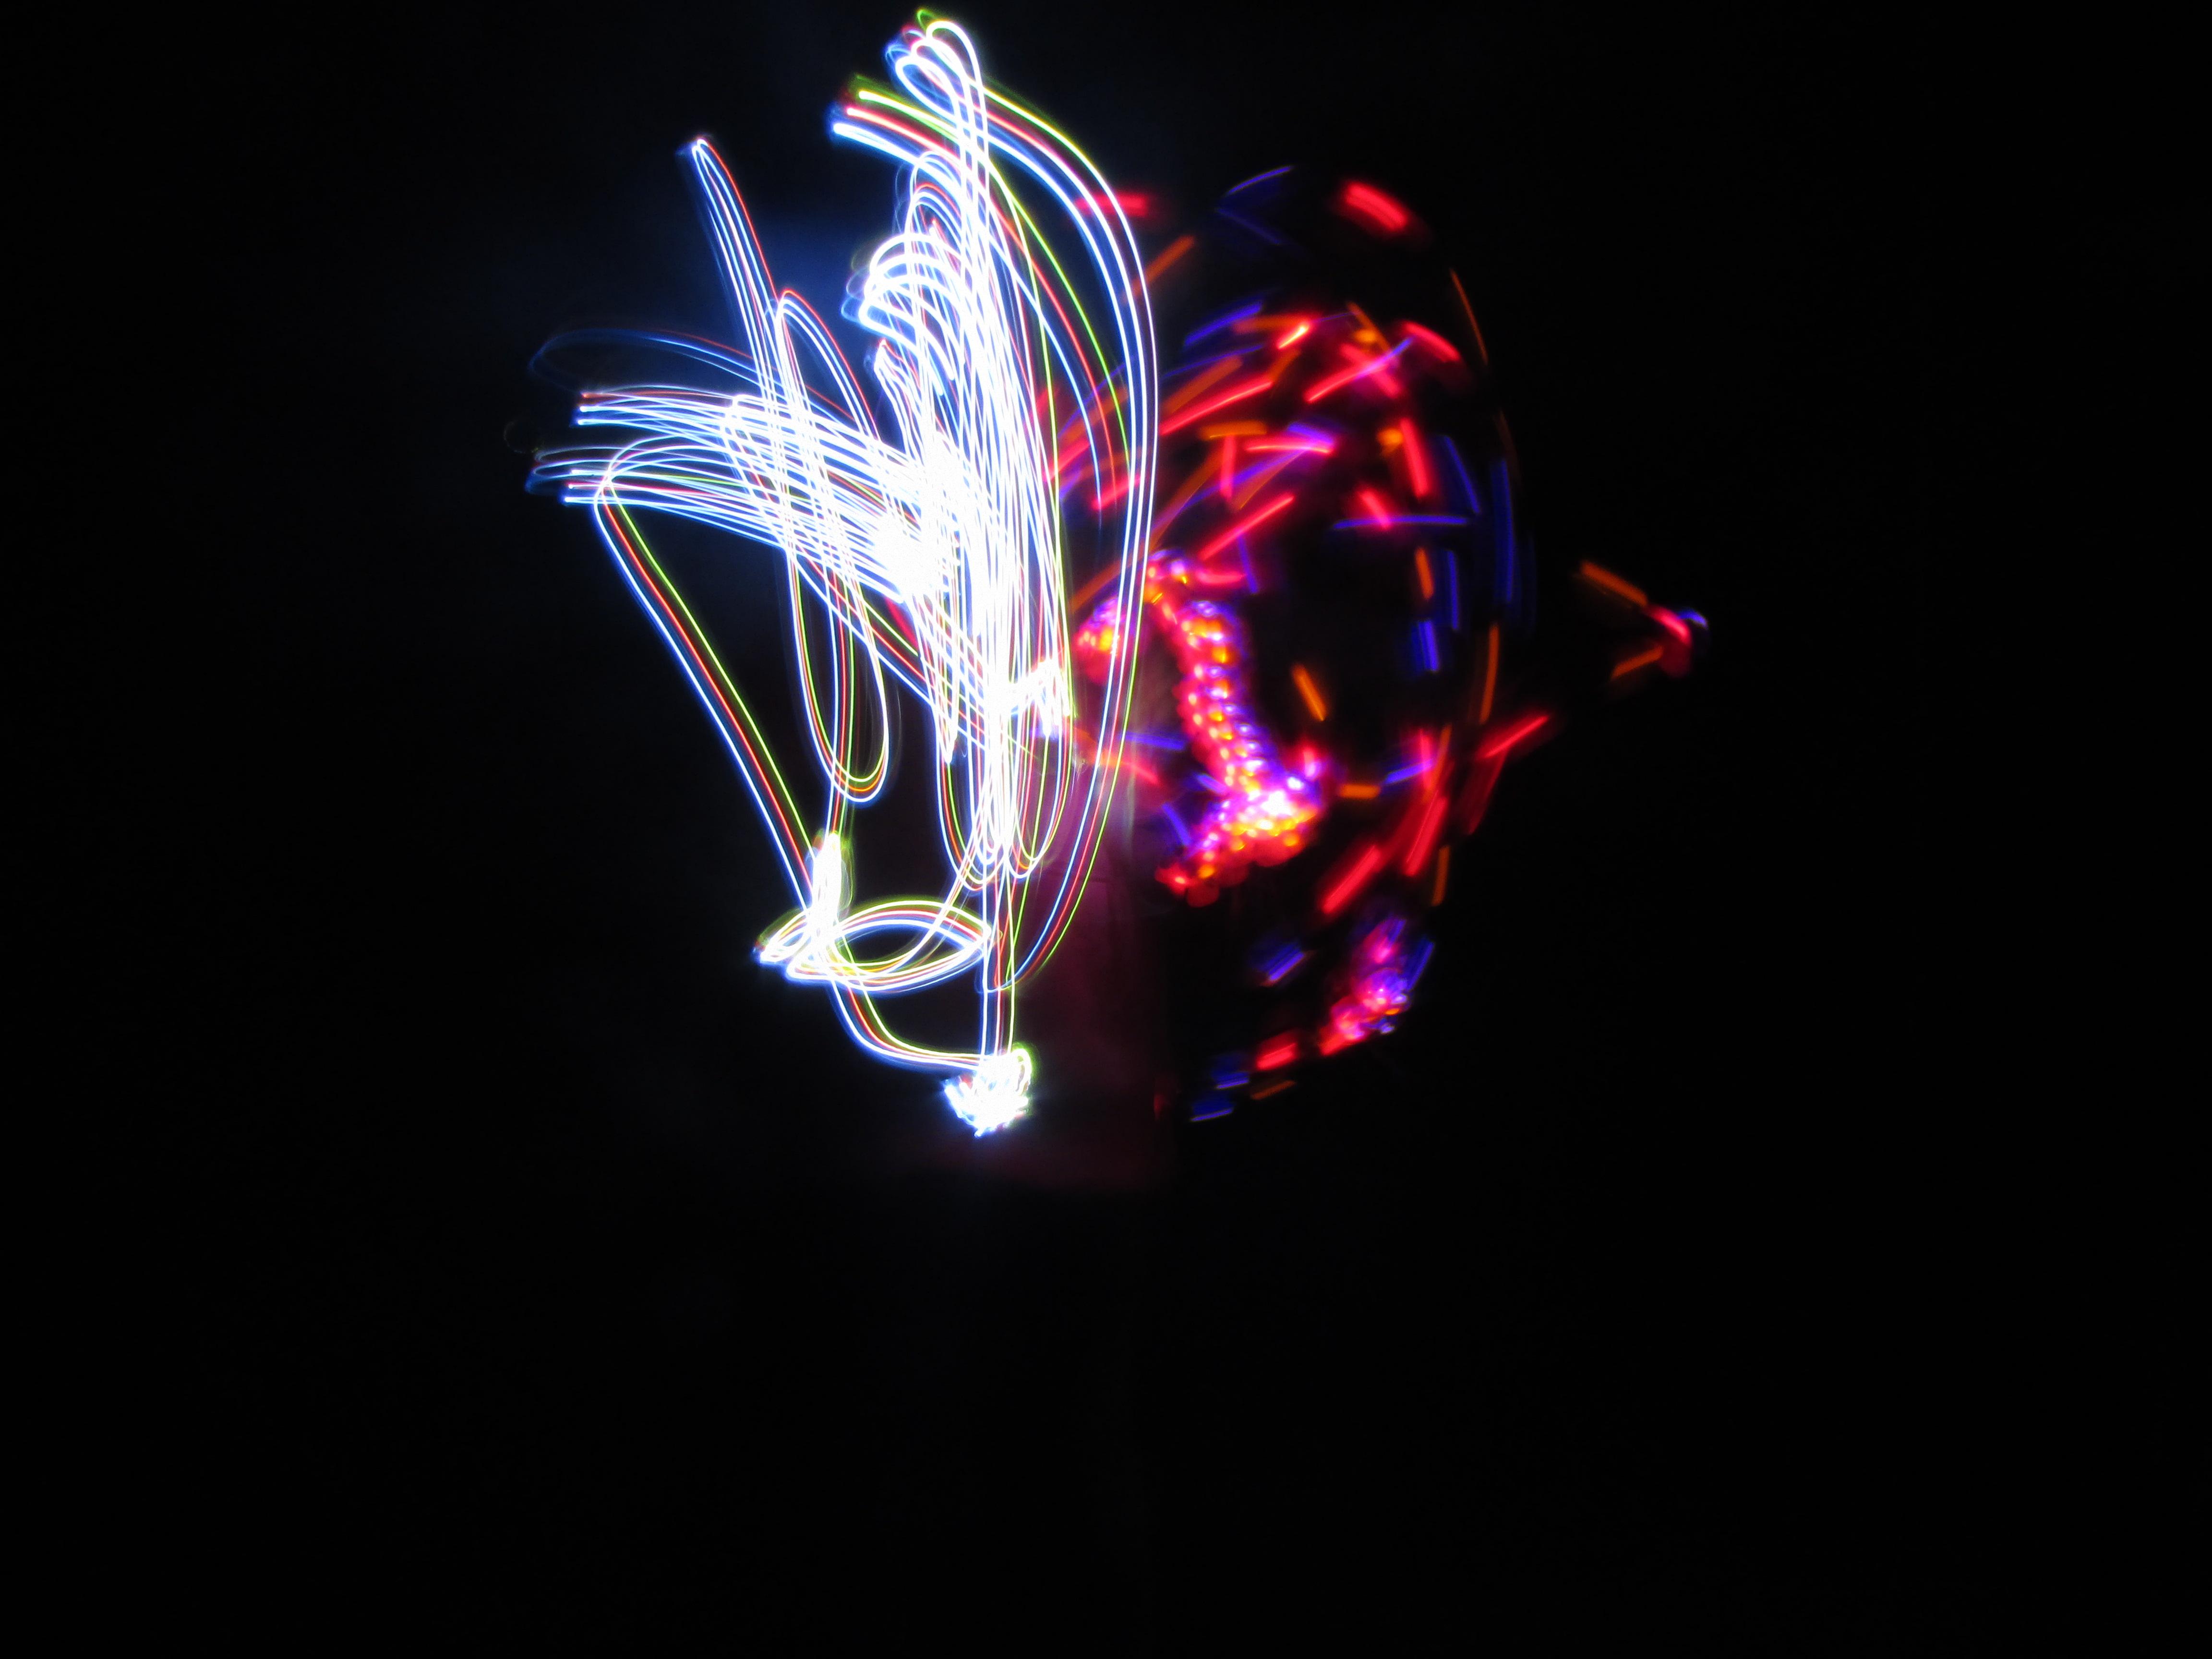 מקרן האור לחדר החושך